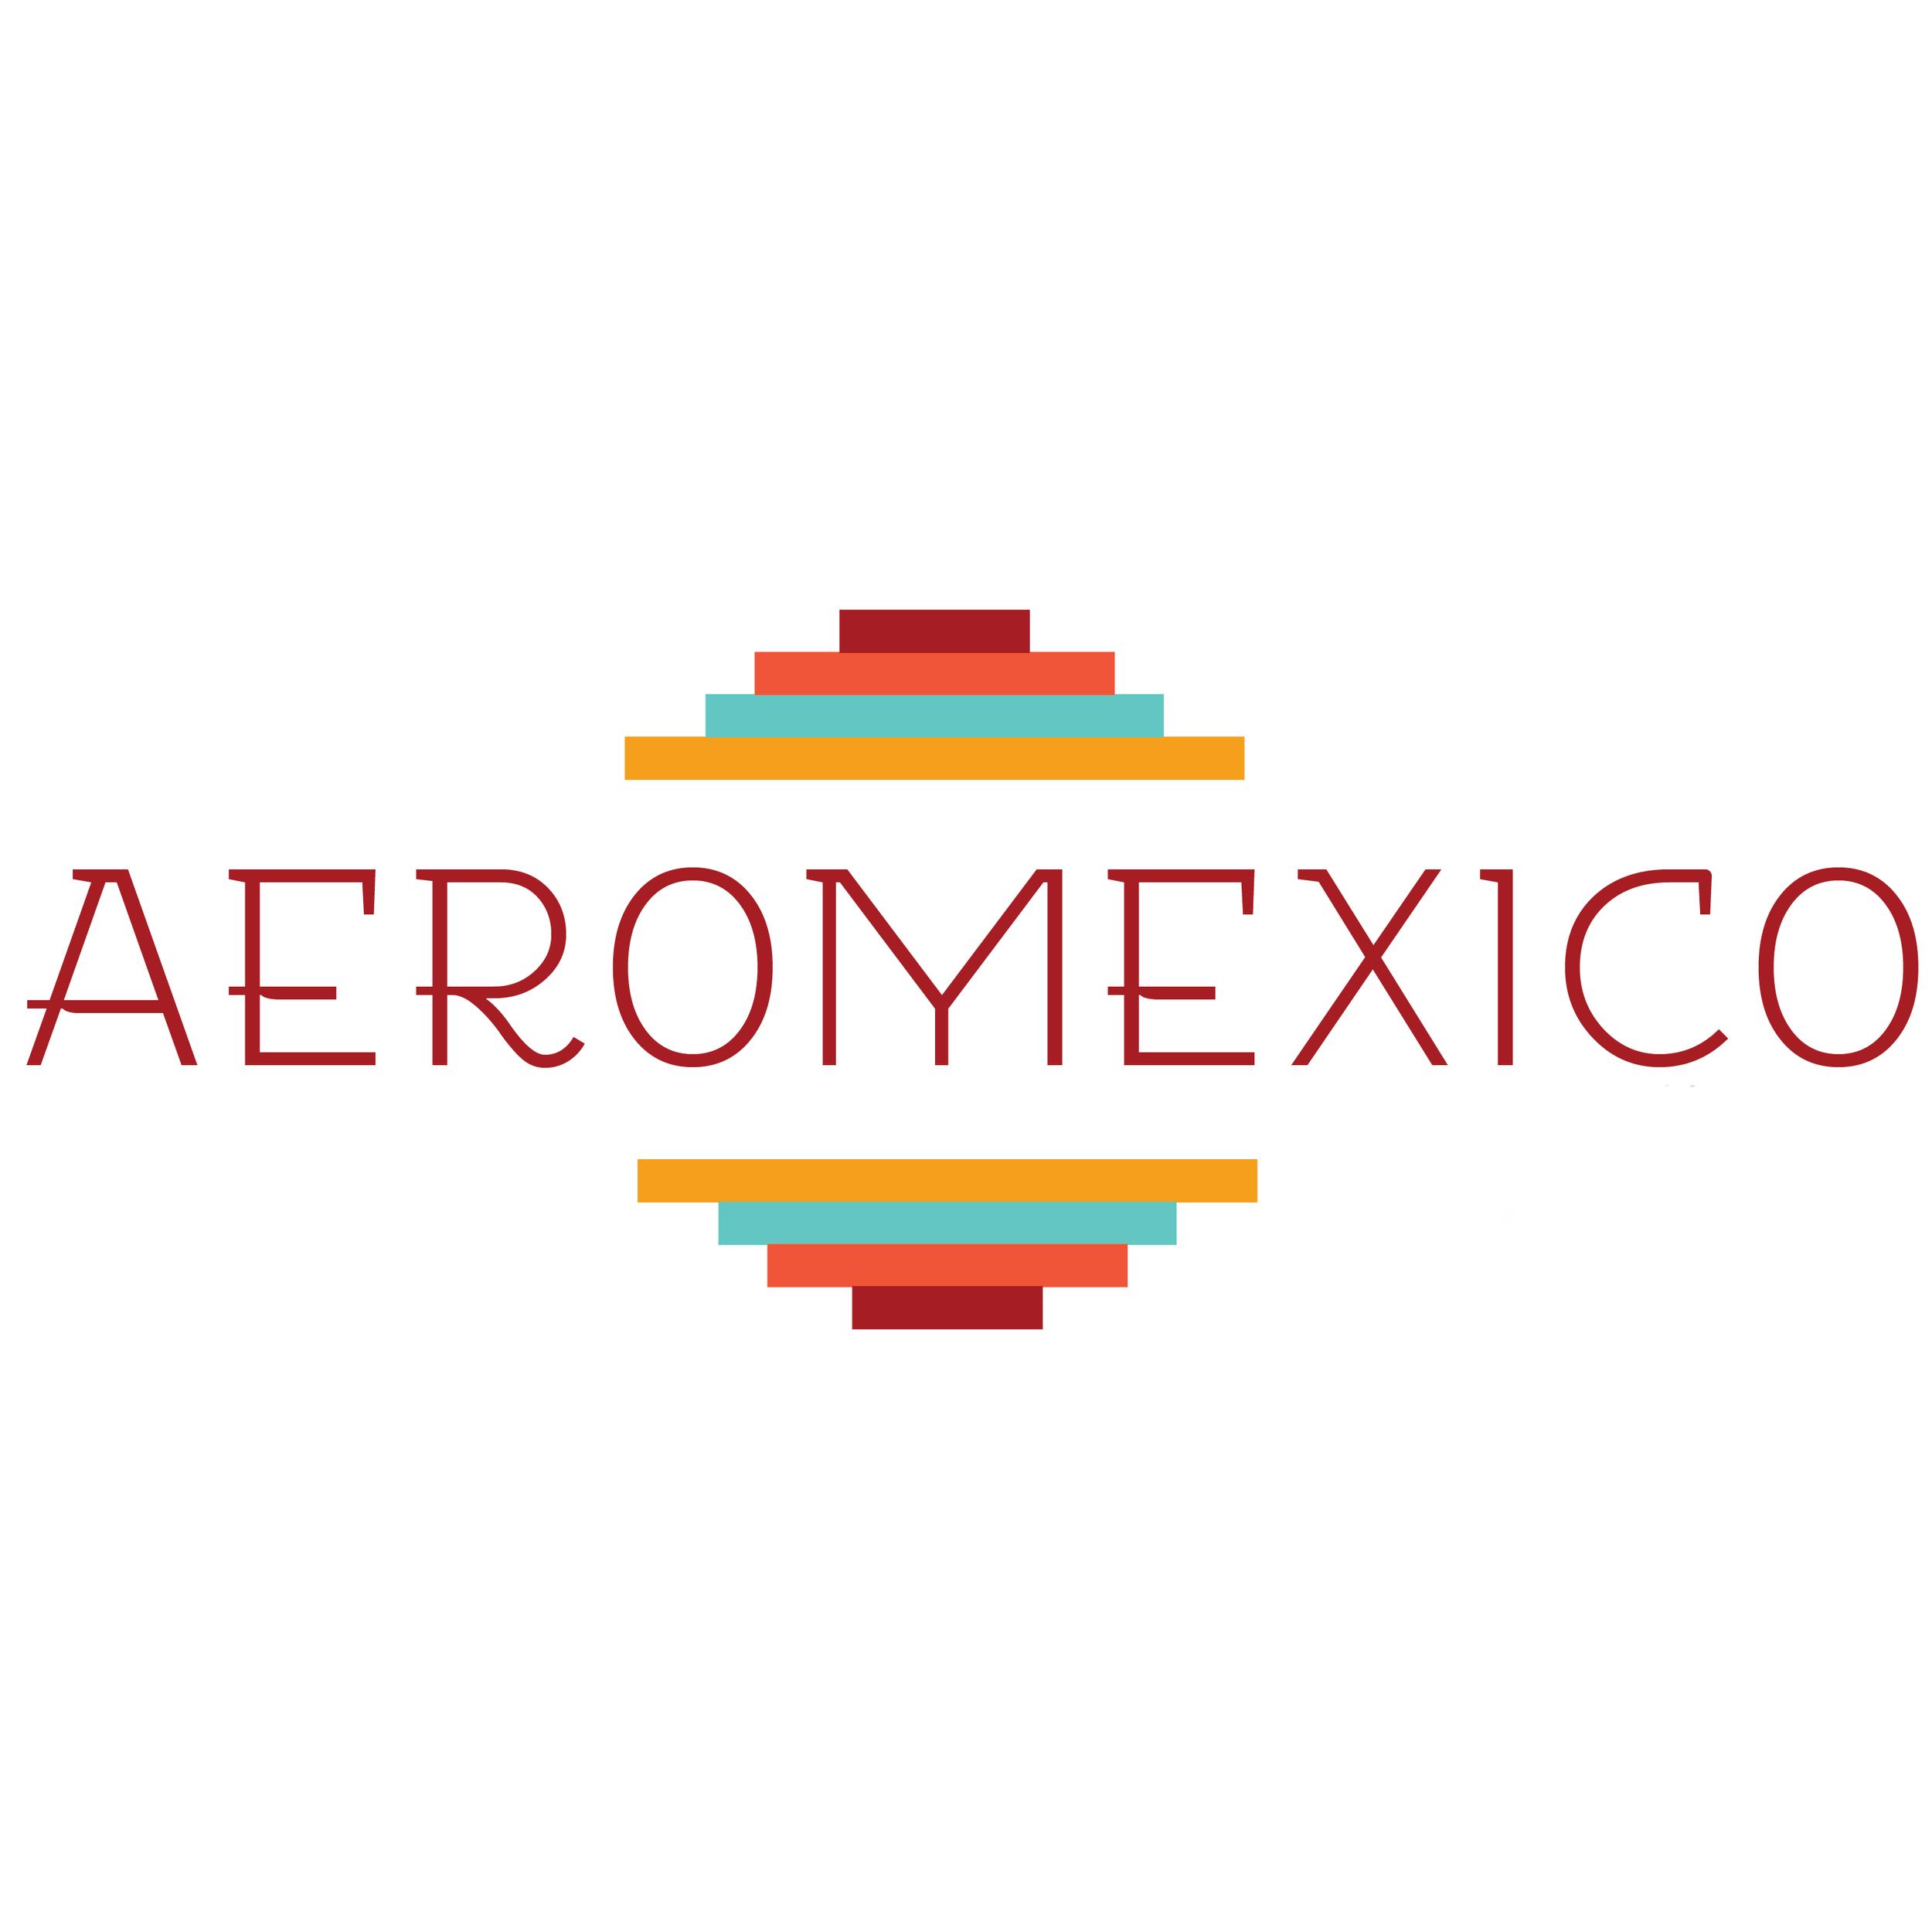 Fly Aeromexico